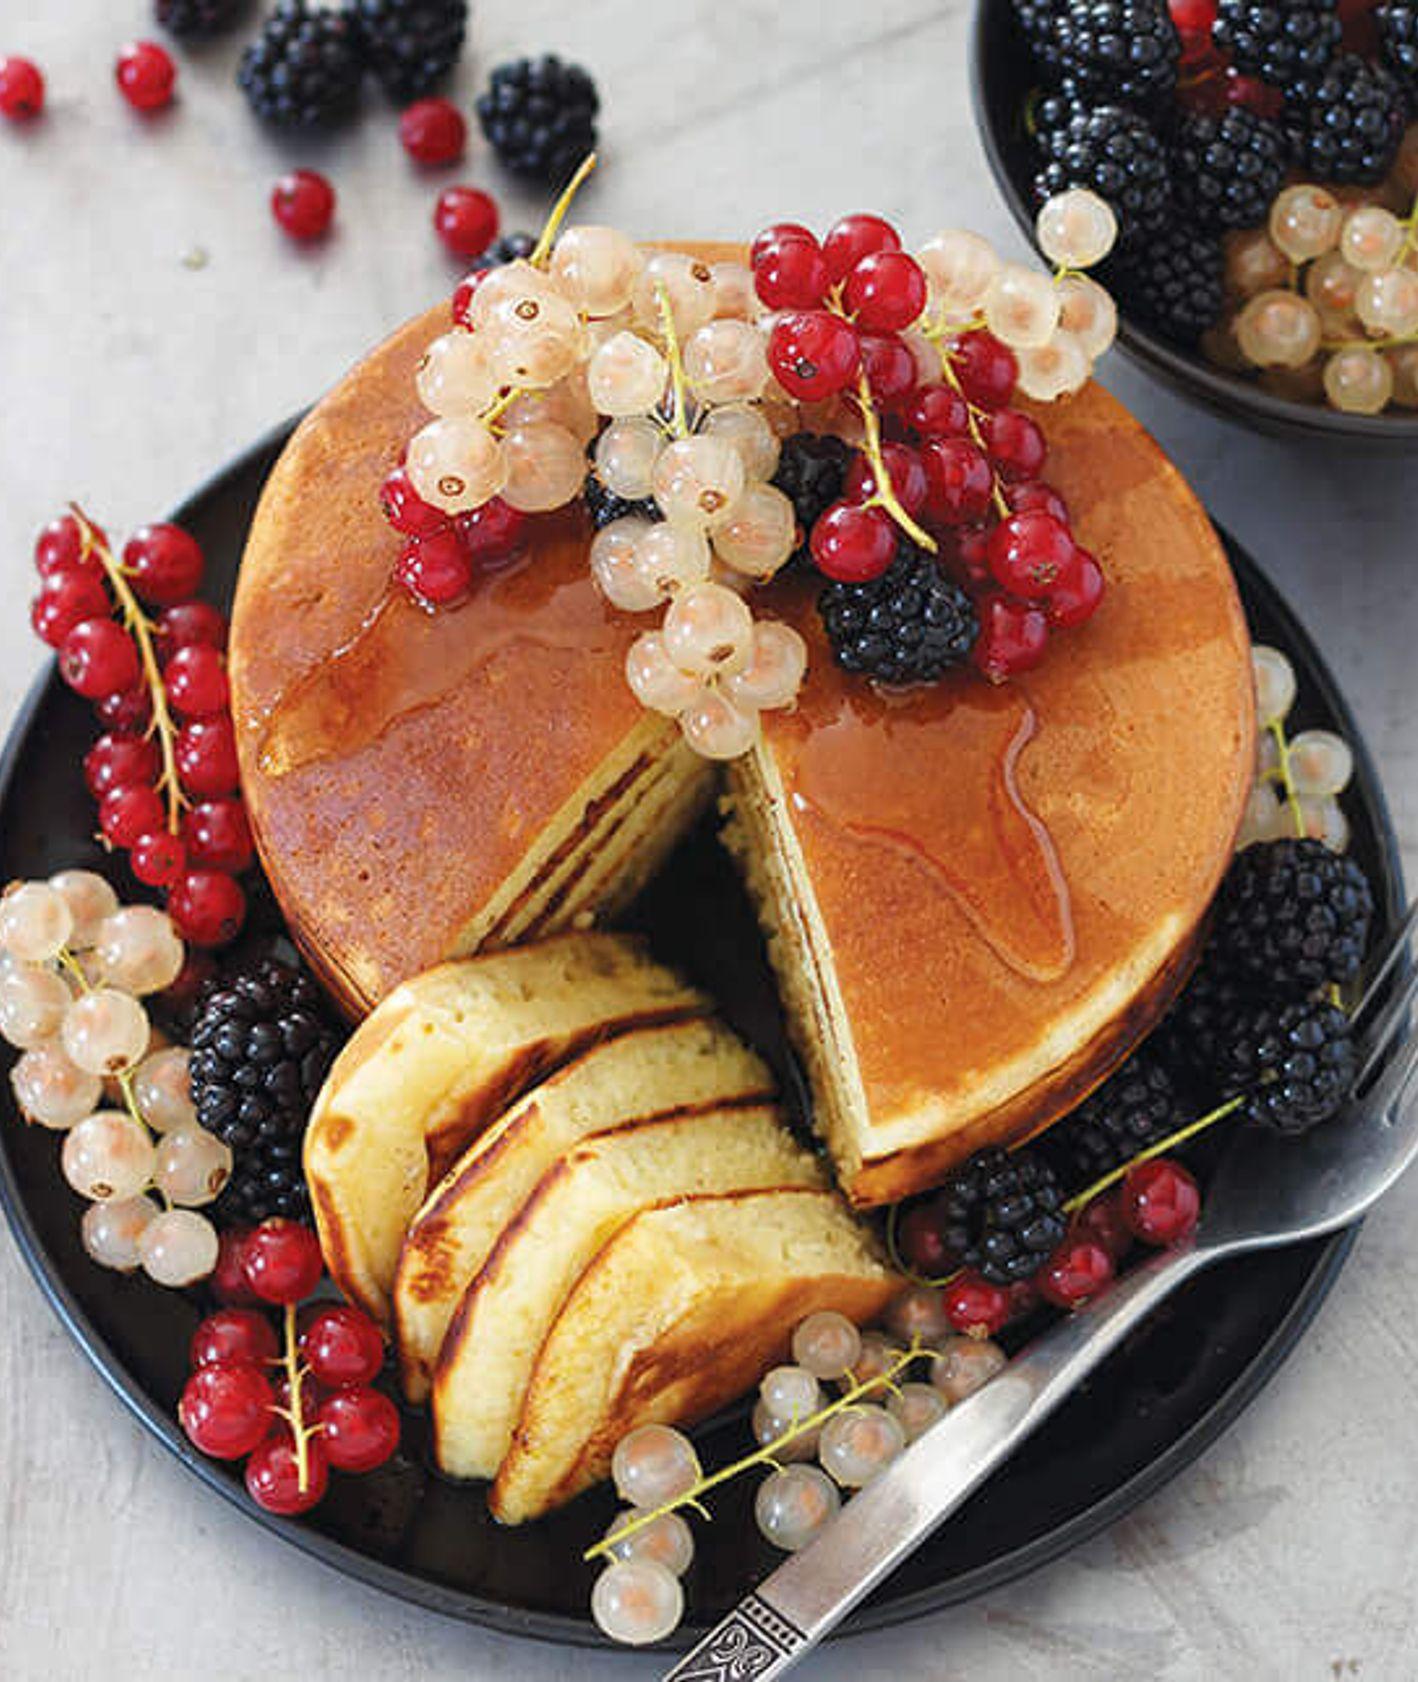 placki z owocami, amerykańskie pankejki, pancakes, placki z syropem klonowym, śniadanie na słodko, puszyste placki, placki na maślance, szybkie śniadanie, co zjeść na śniadanie, placki z truskawkami